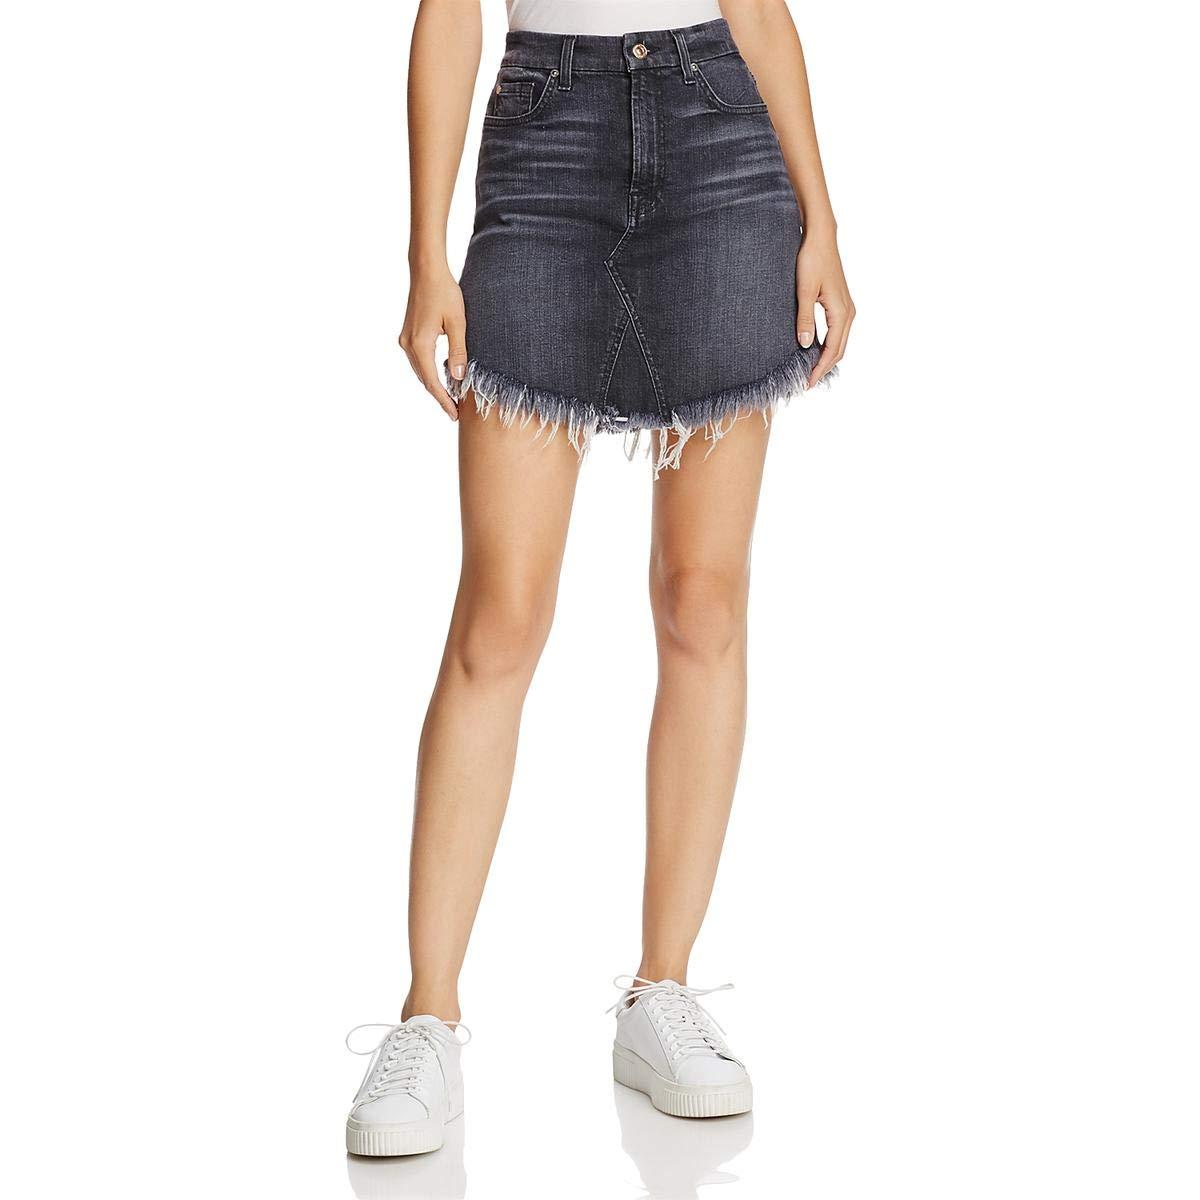 7 For All Mankind Women's Denim Skirt